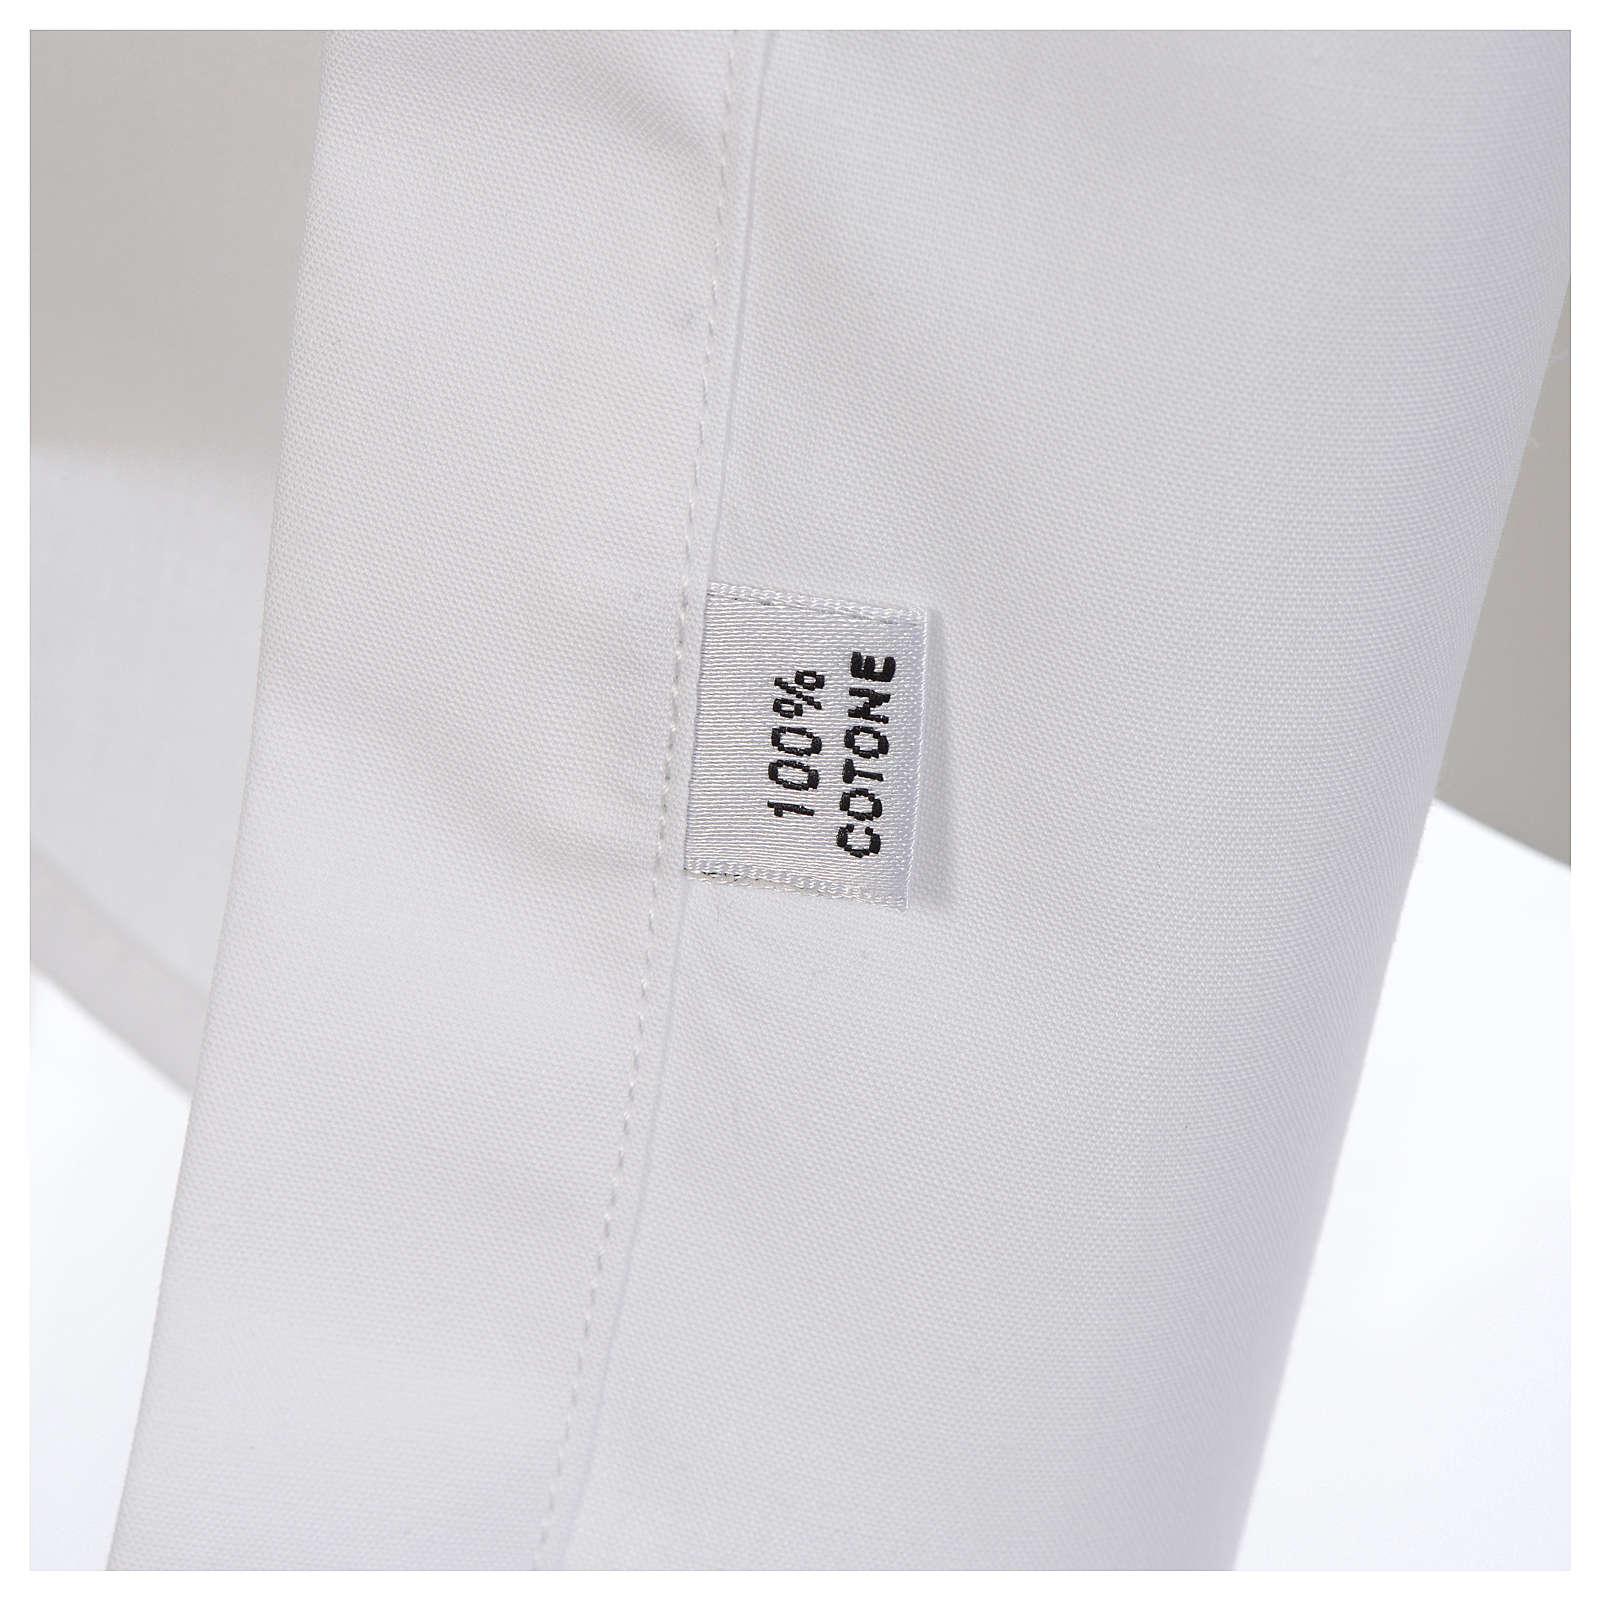 Shirt to wear under cassock open shirt collar long sleeve 4